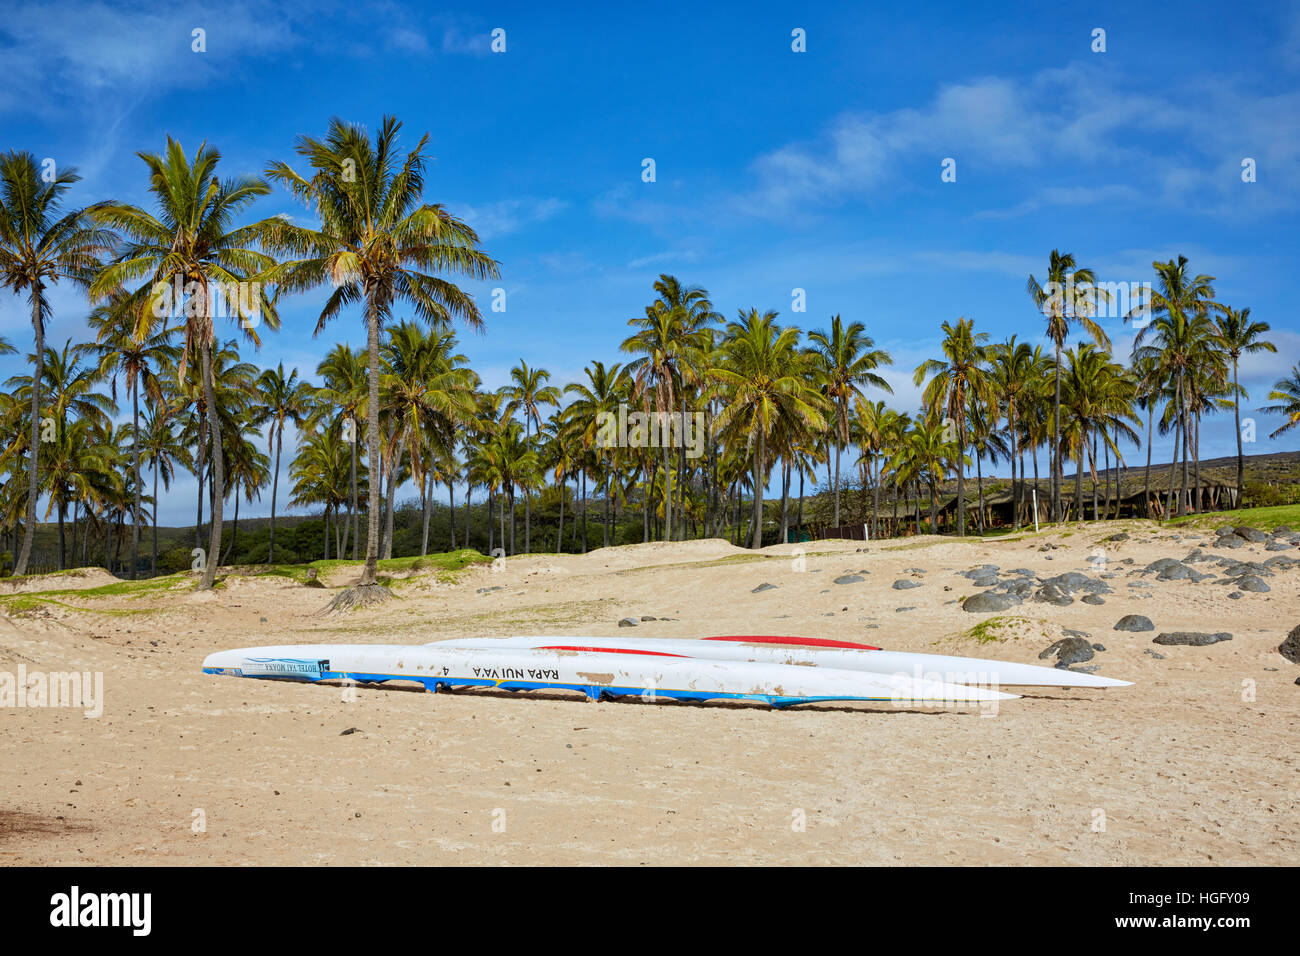 La plage de Anakena, île de Pâques, Chili Photo Stock